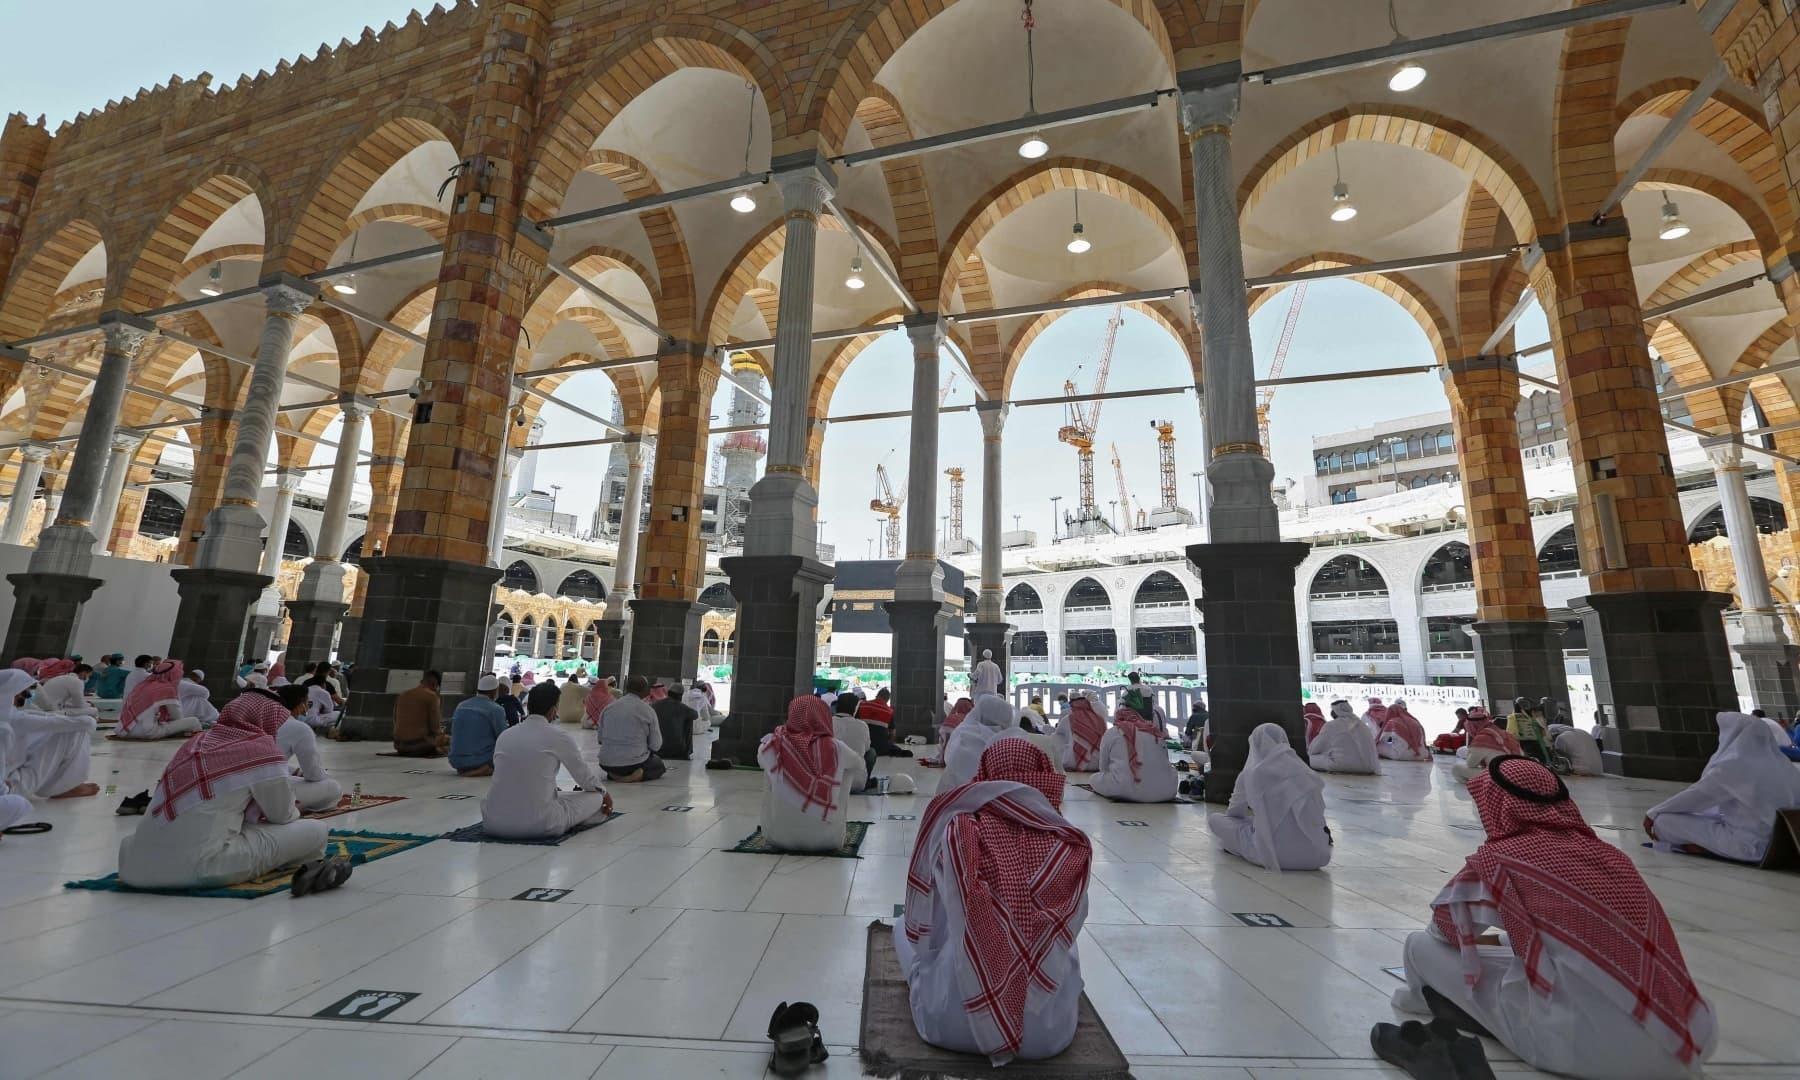 سعودی سیکیورٹی فورسز اور عملے کے افراد جمعے کی نماز ادا کر رہے ہیں - فوٹو:اے ایف پی